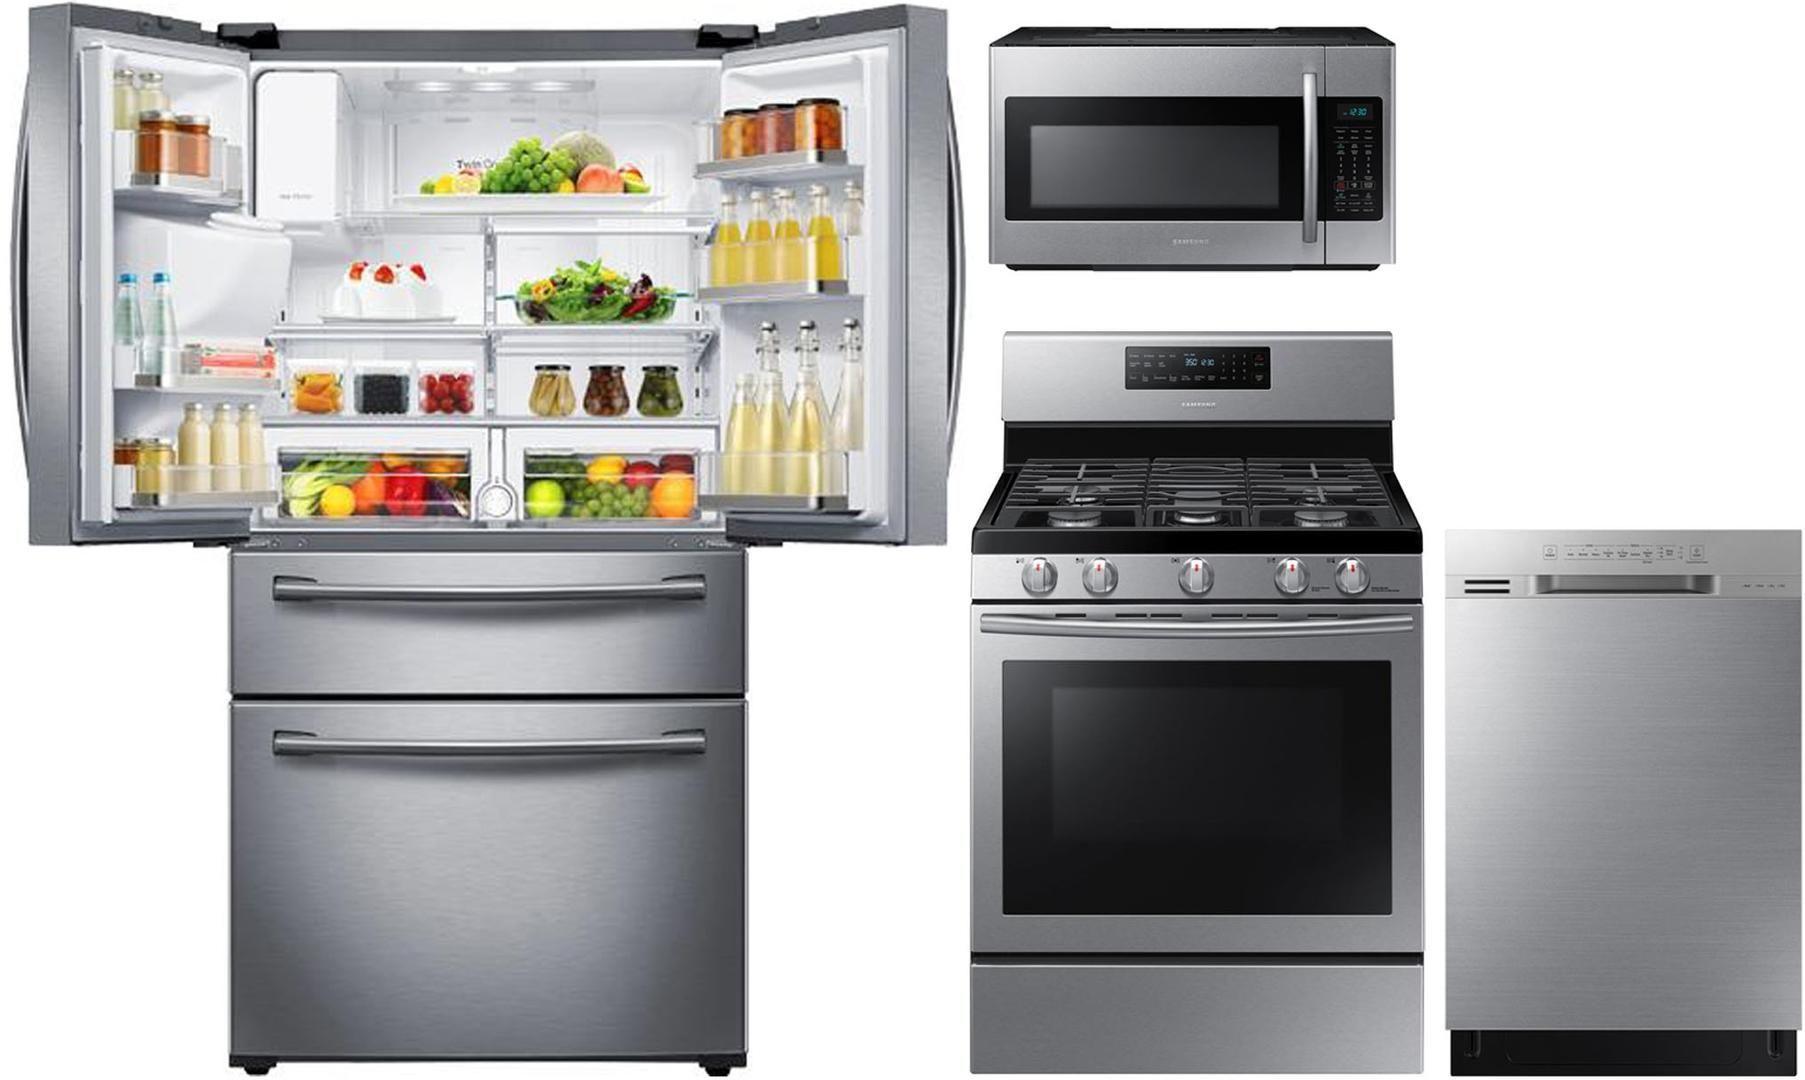 Samsung 997800 Kitchen Appliance Packages Appliances Connection Kitchen Appliance Packages Kitchen Appliances Kitchen